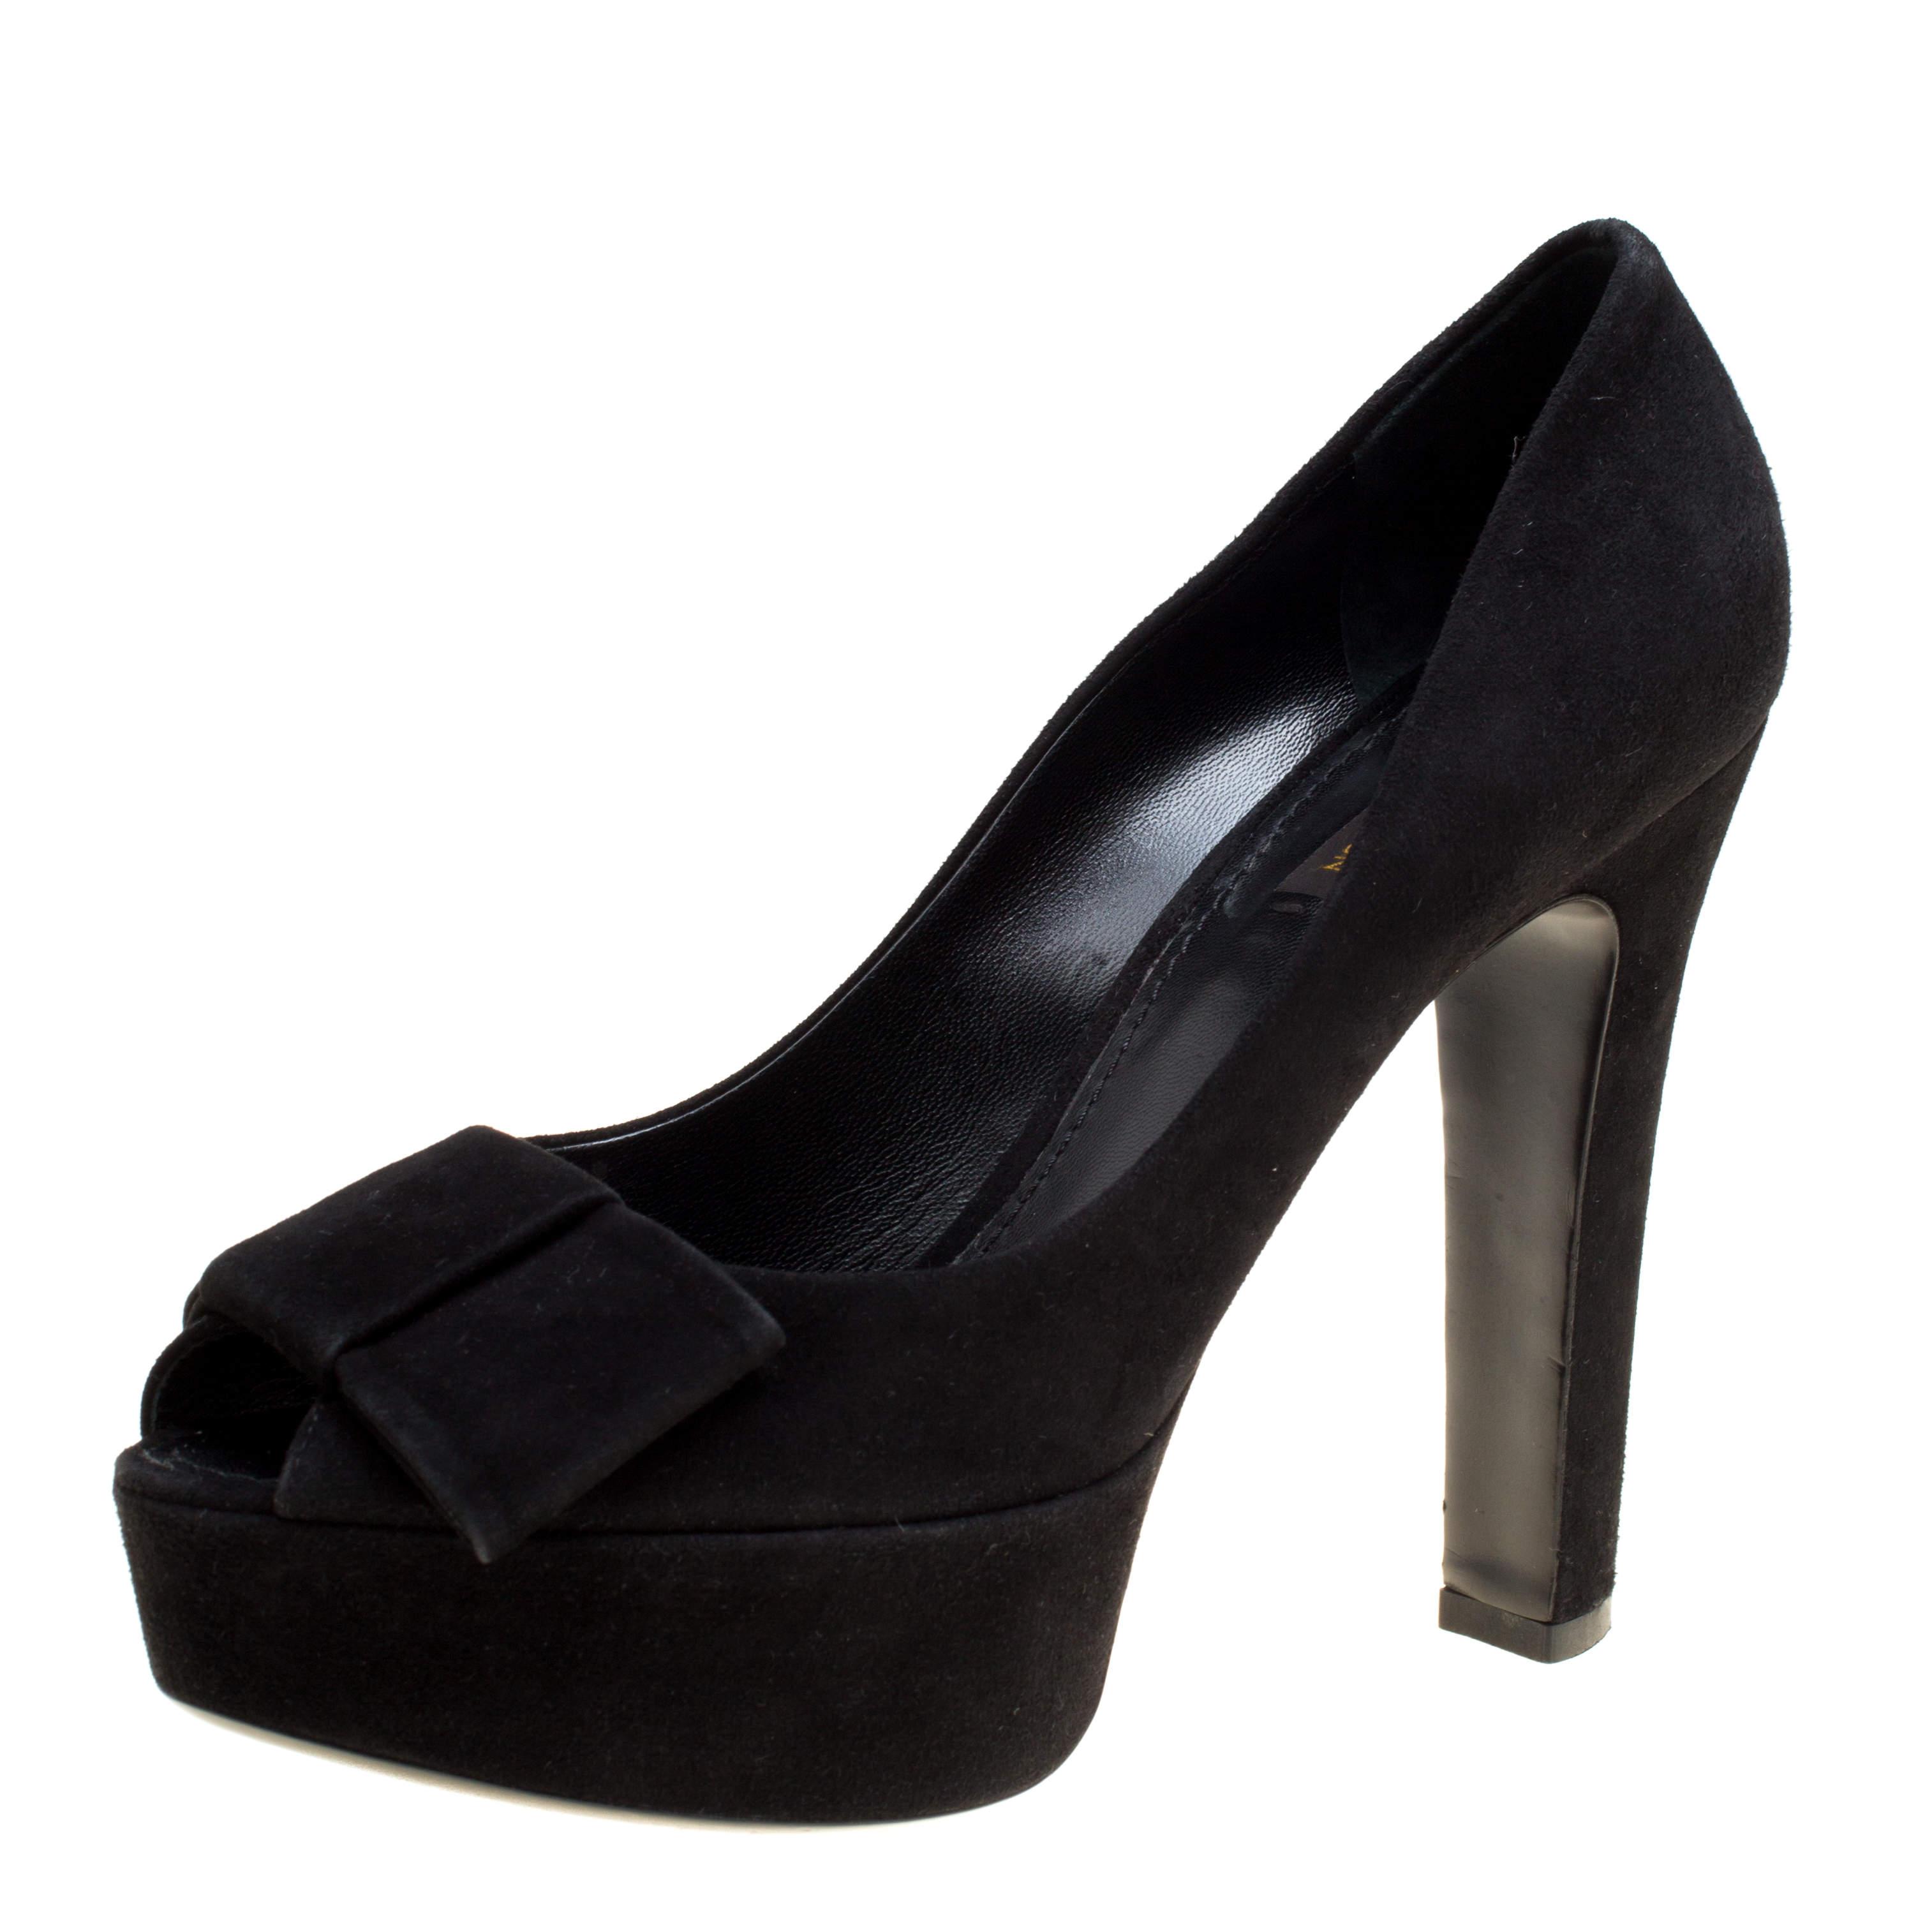 Louis Vuitton Black Suede Peep Toe Bow Detail Platform Pumps Size 39.5